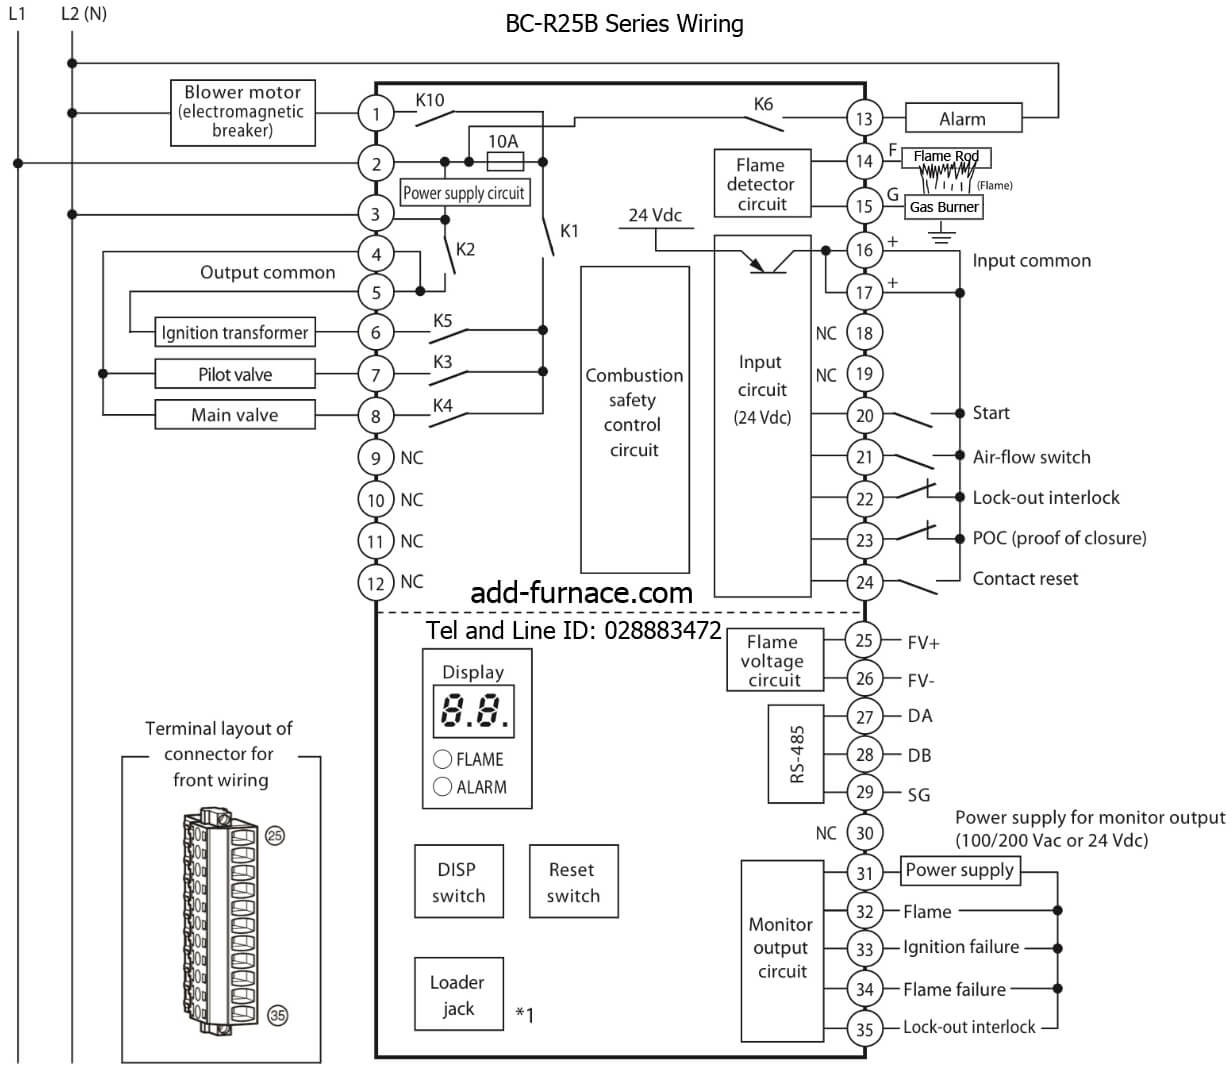 bc-r25b2j0500